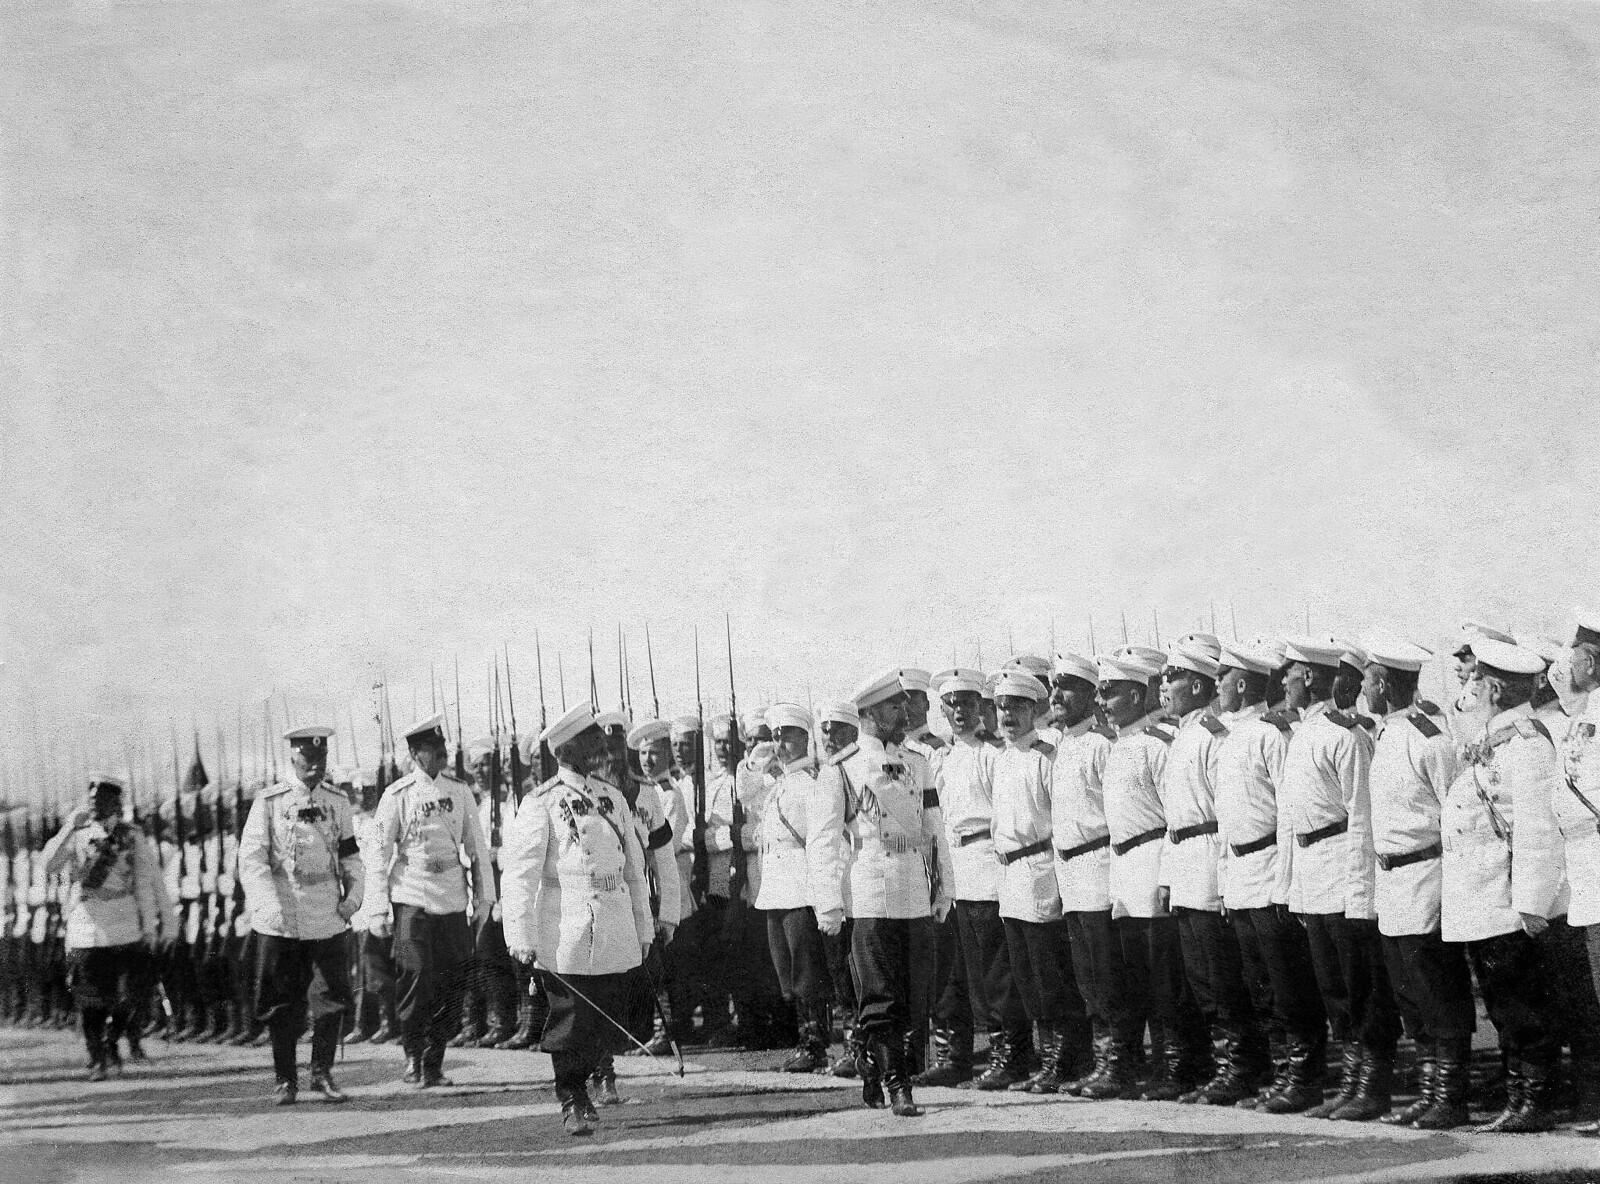 1901. Царь Николай II обходит строй Лейб-гвардии Преображенский полк